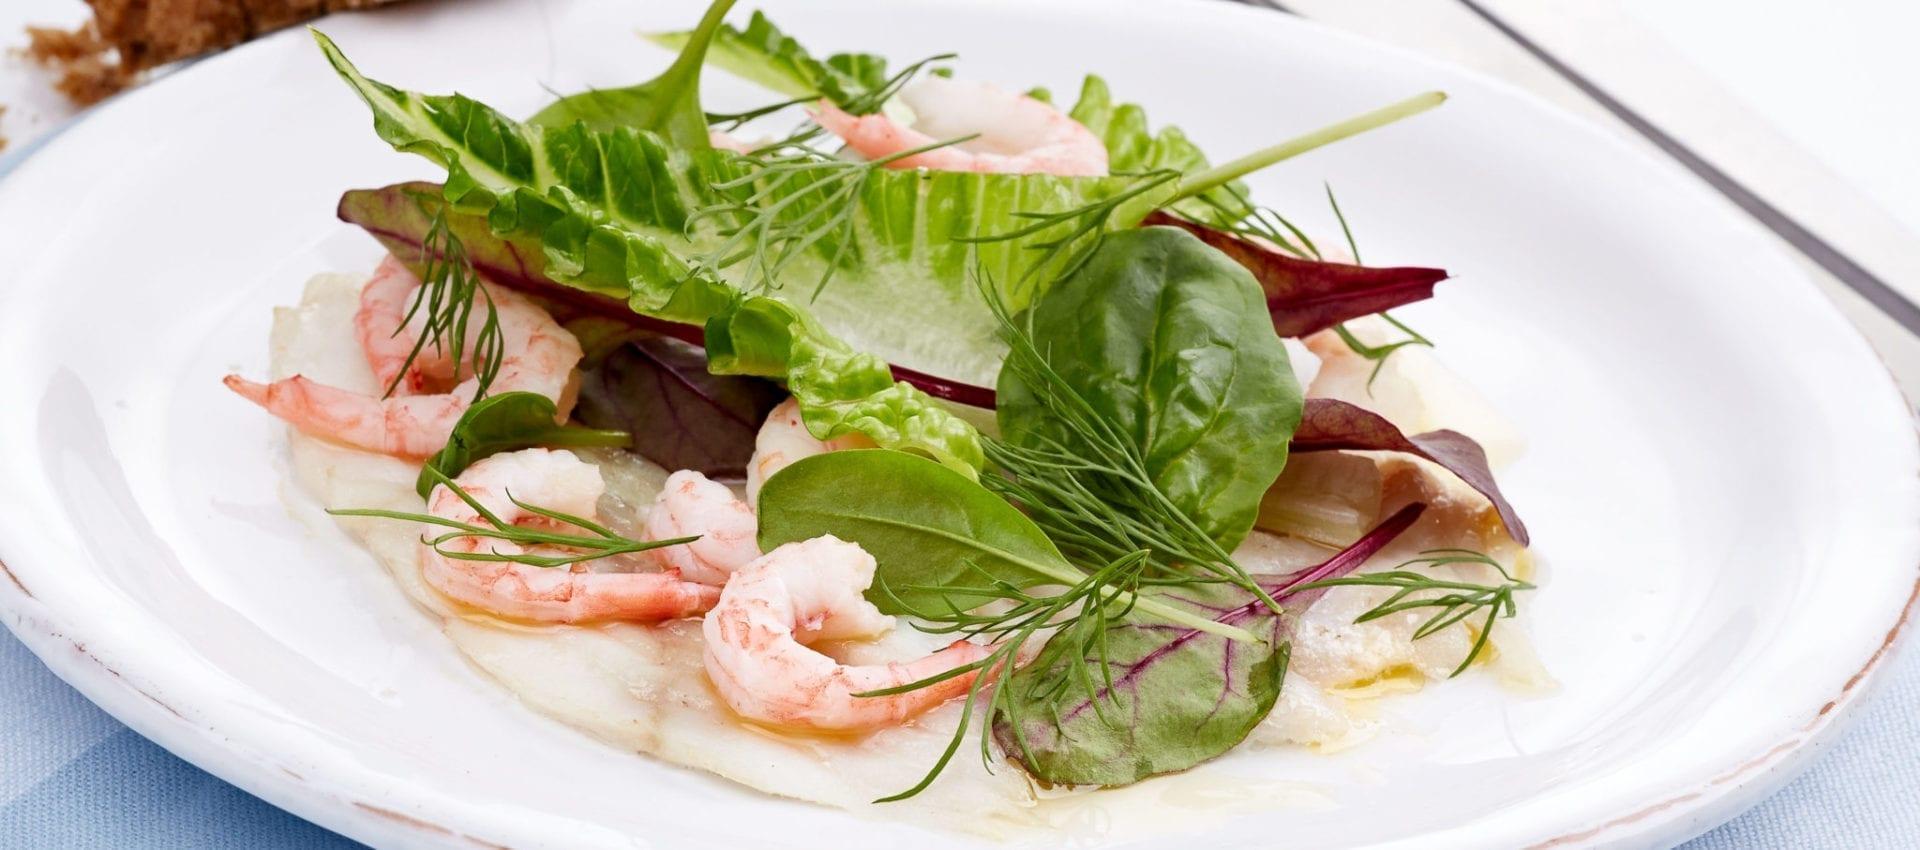 Gratineret Fisk Rejer Sprød Salat Mamarisavut